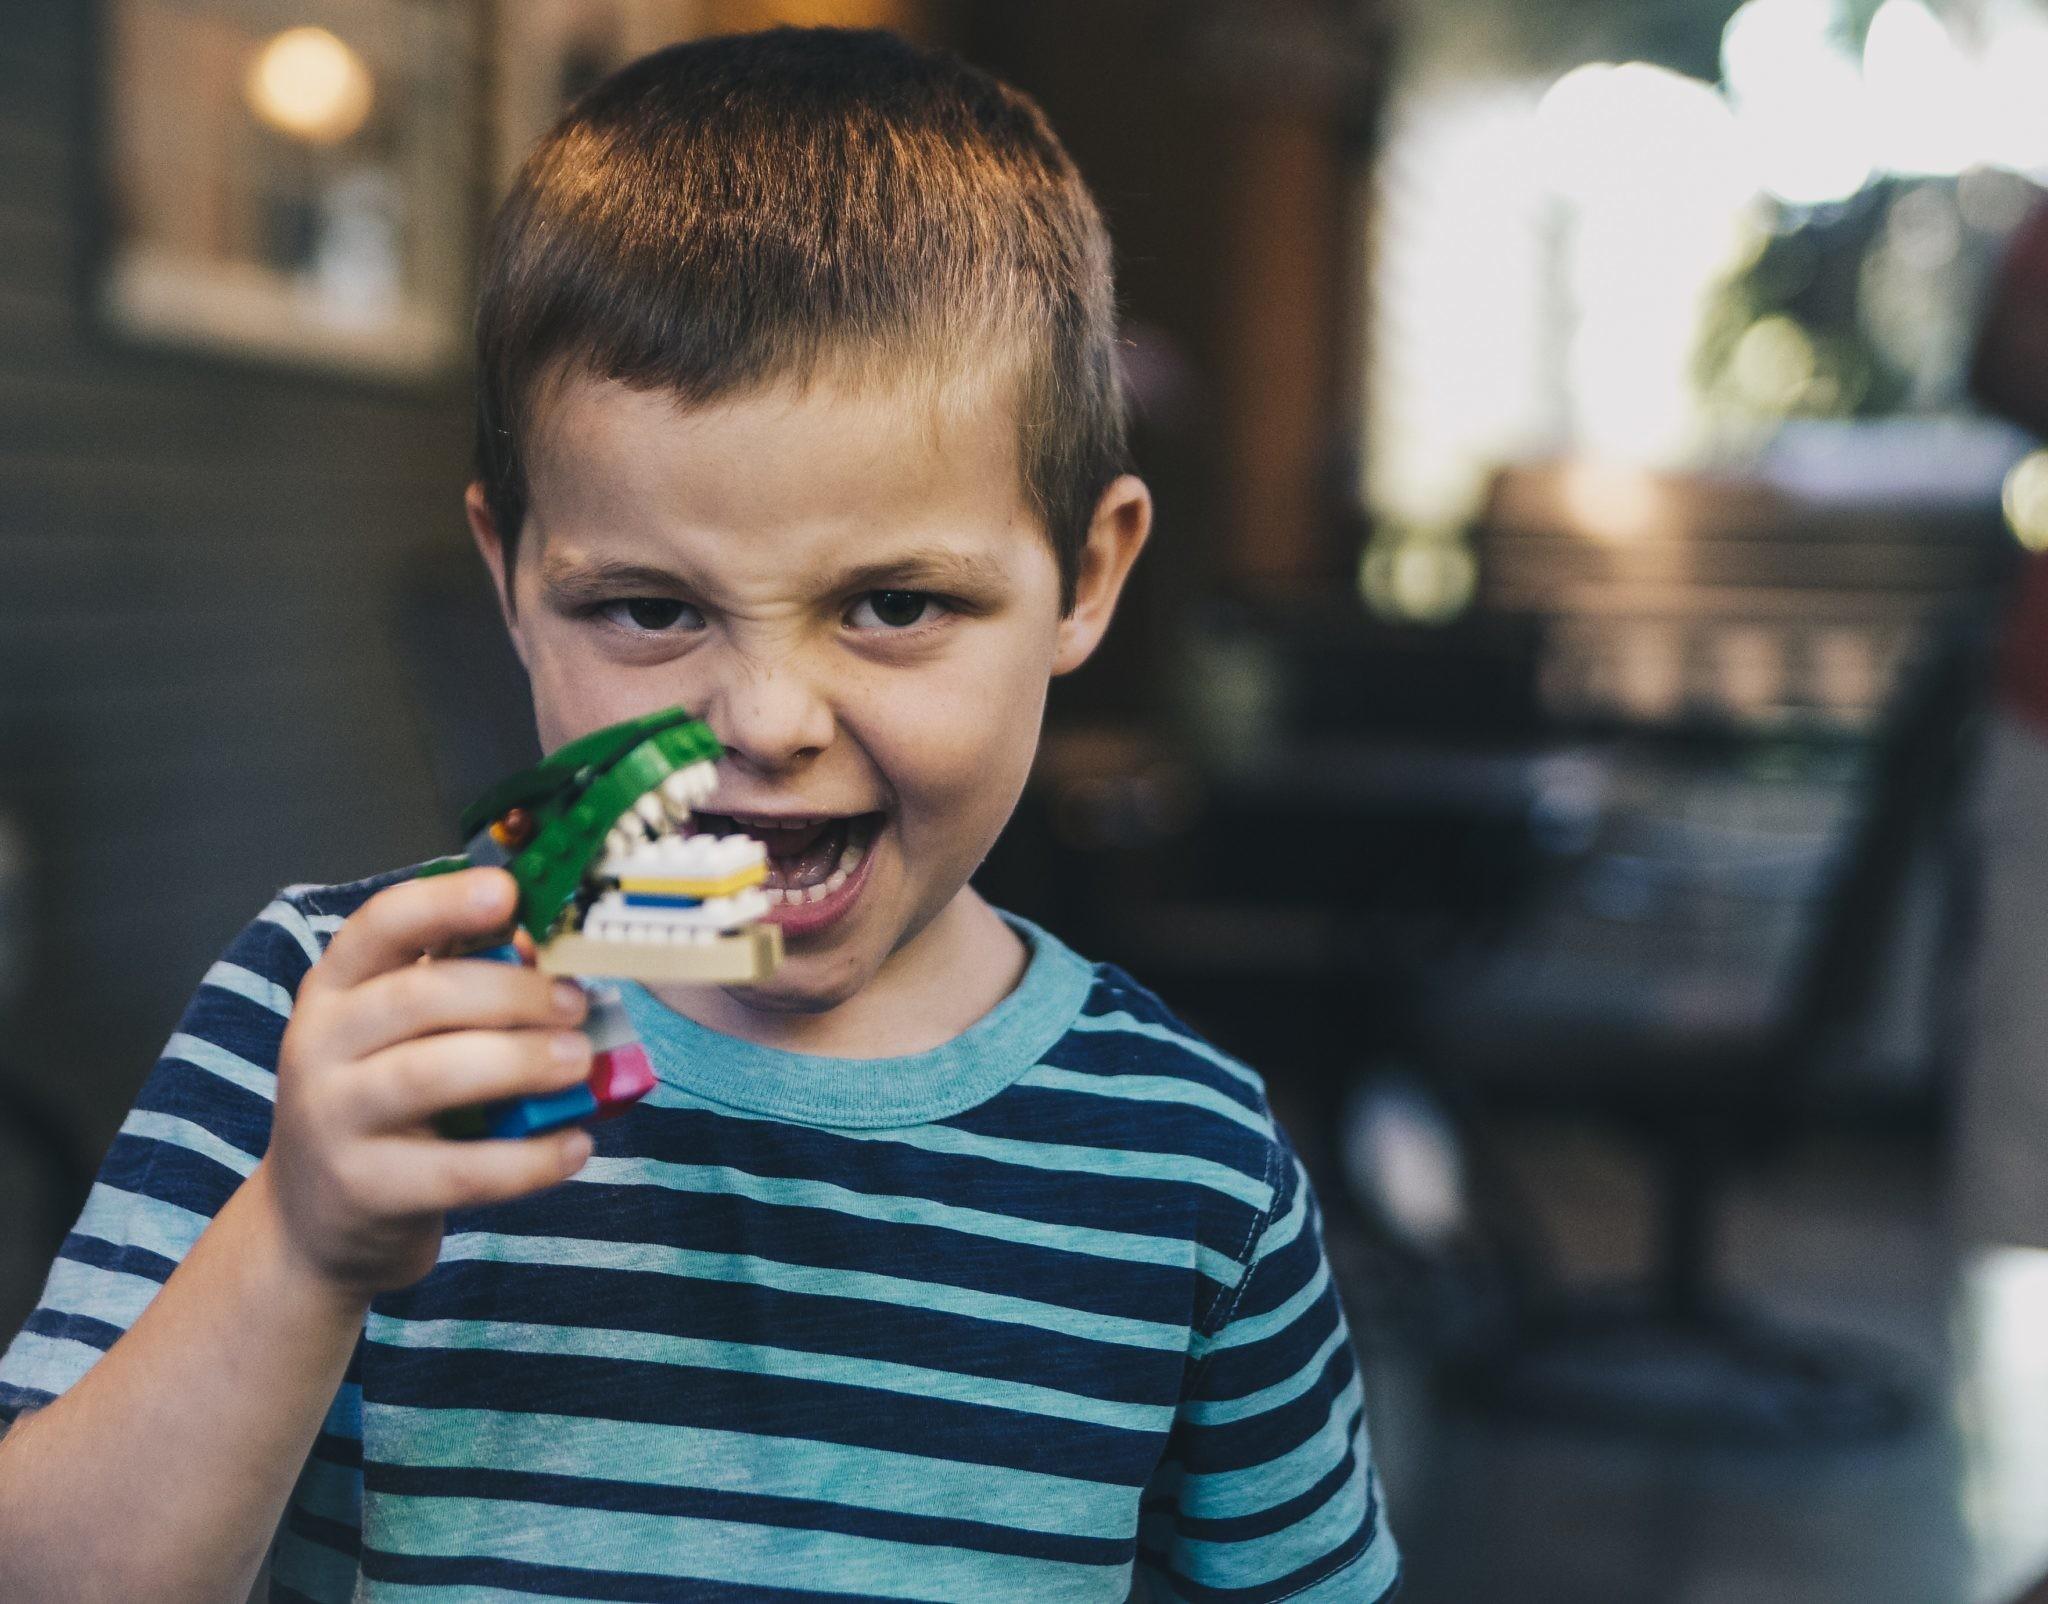 Осторожно: как справляться с детскими истериками